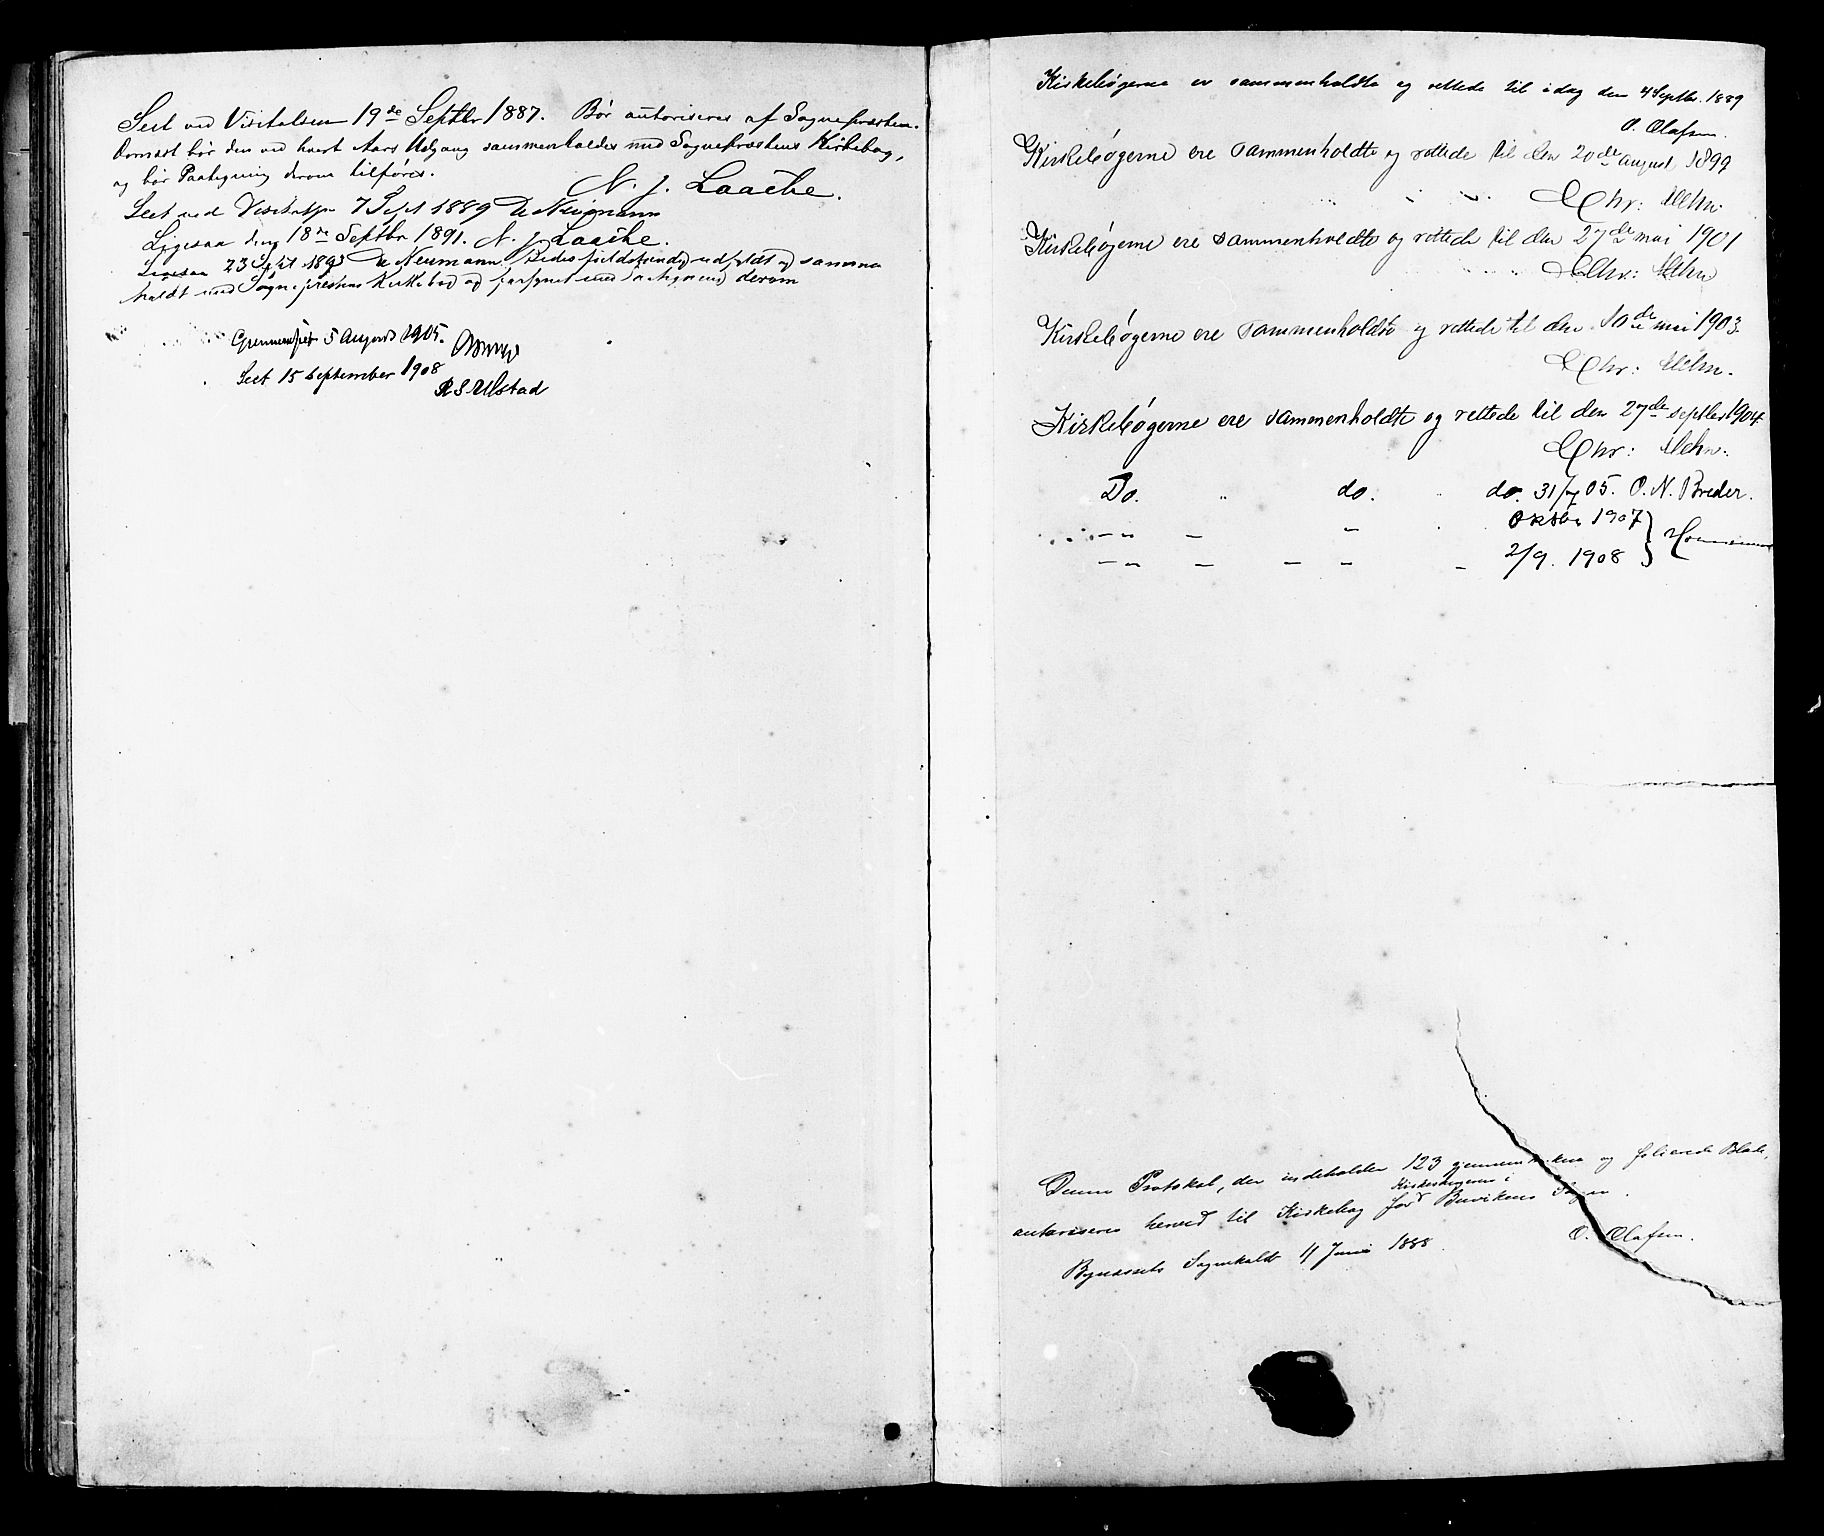 SAT, Ministerialprotokoller, klokkerbøker og fødselsregistre - Sør-Trøndelag, 666/L0790: Klokkerbok nr. 666C03, 1885-1908